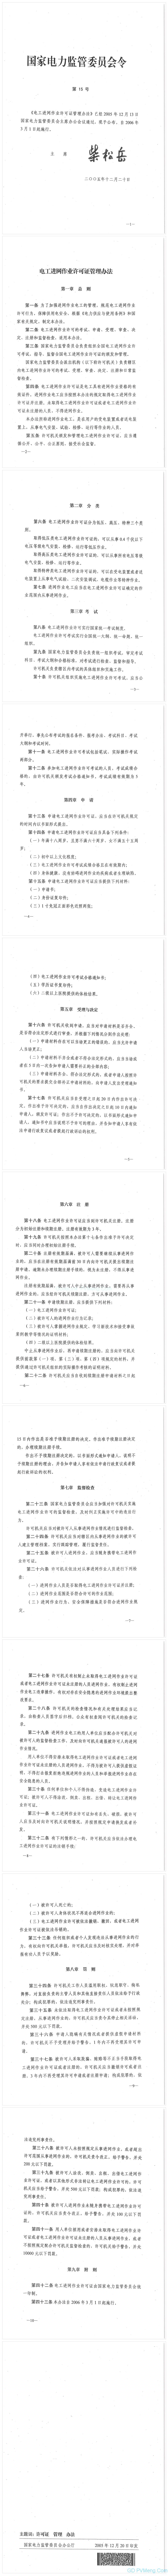 """0051220国家电力监管委员会令第15号-电工进网作业许可证管理办法"""""""